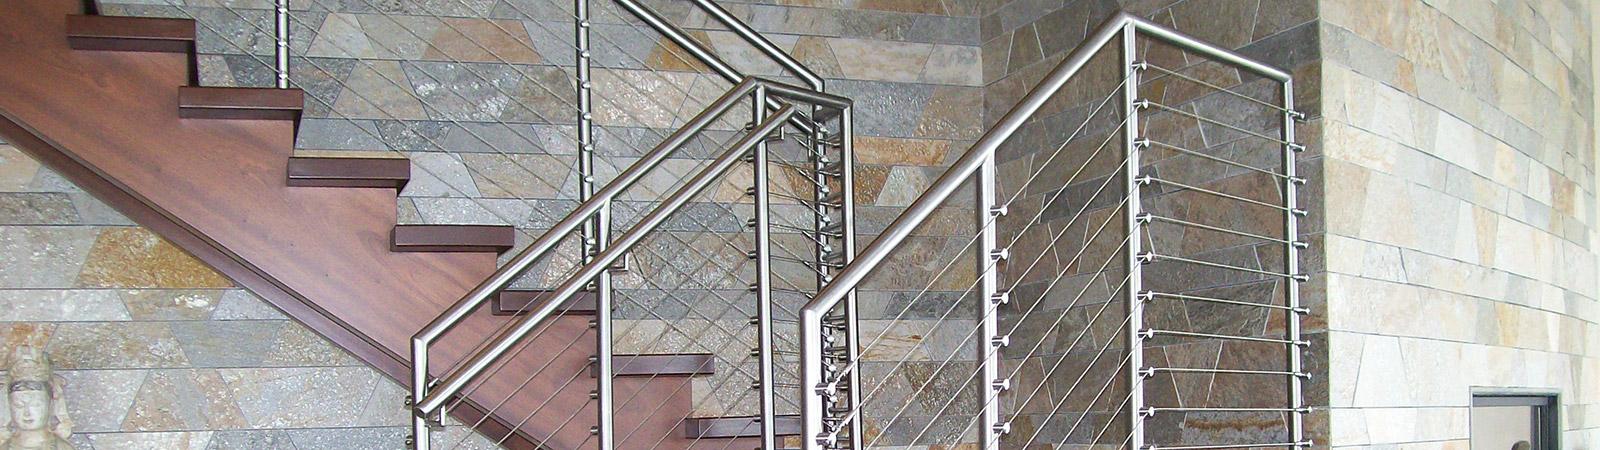 hci railing systems